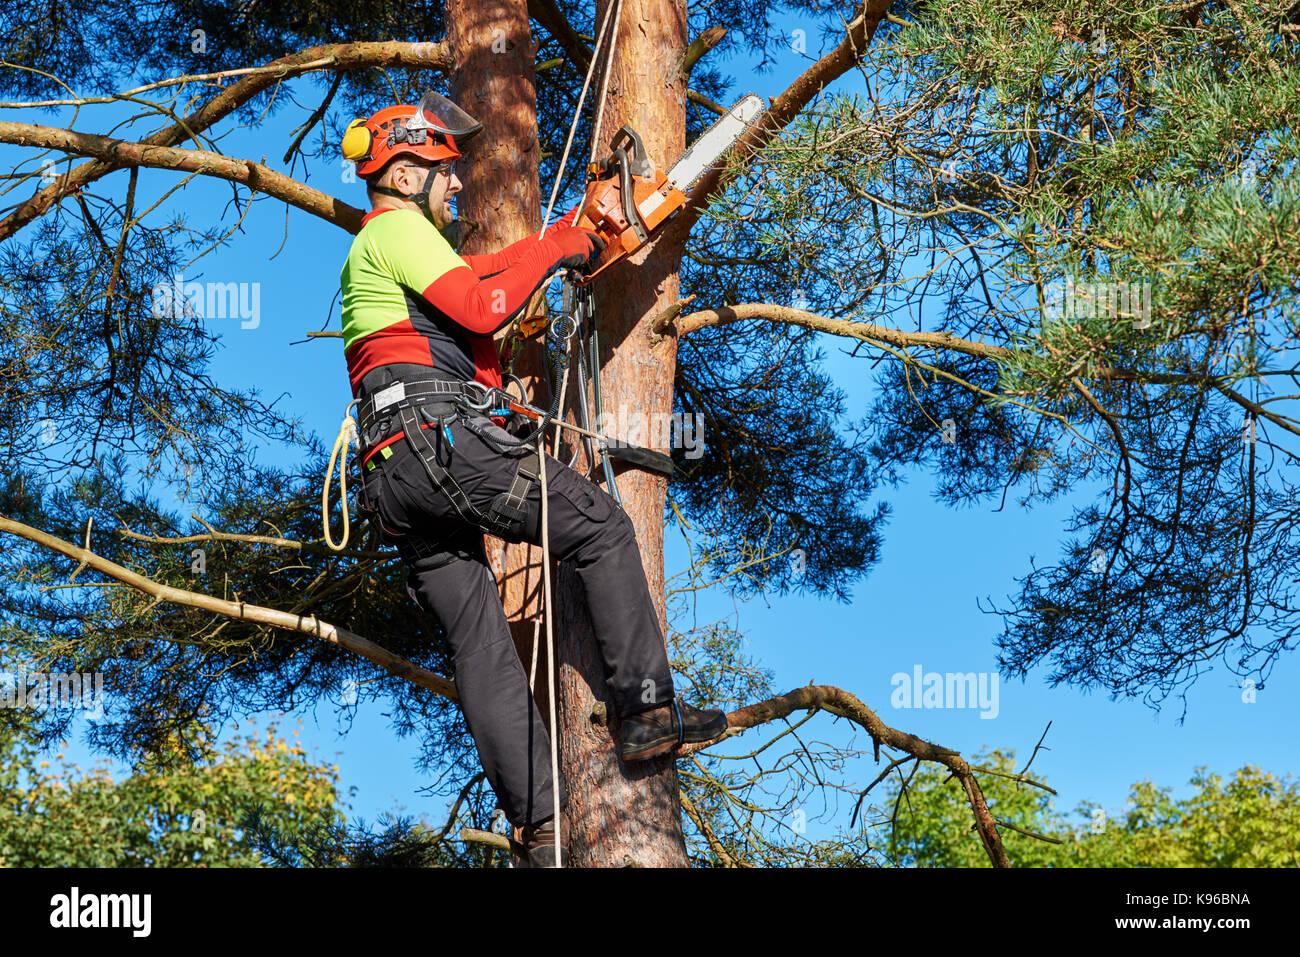 holzfäller mit säge und kabelbaum auf einen baum stockfoto, bild